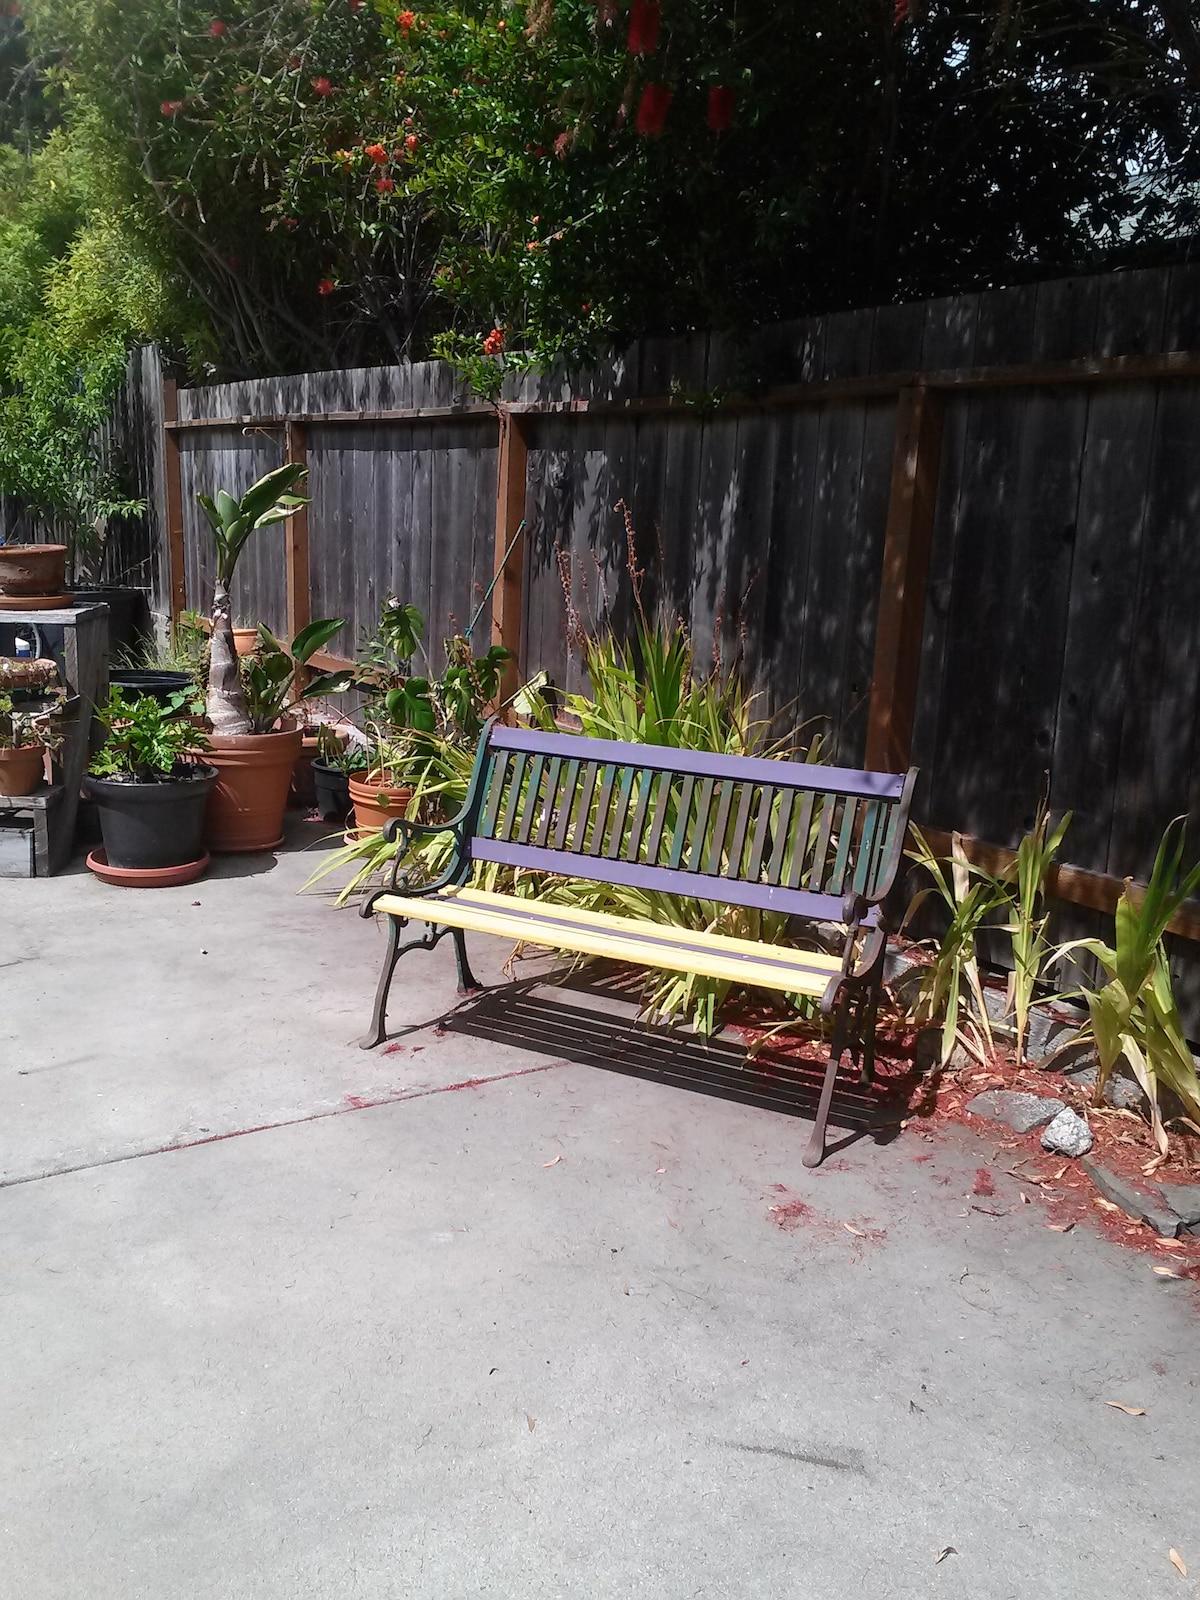 Welcome to Santa Cruz... peaceful & serene